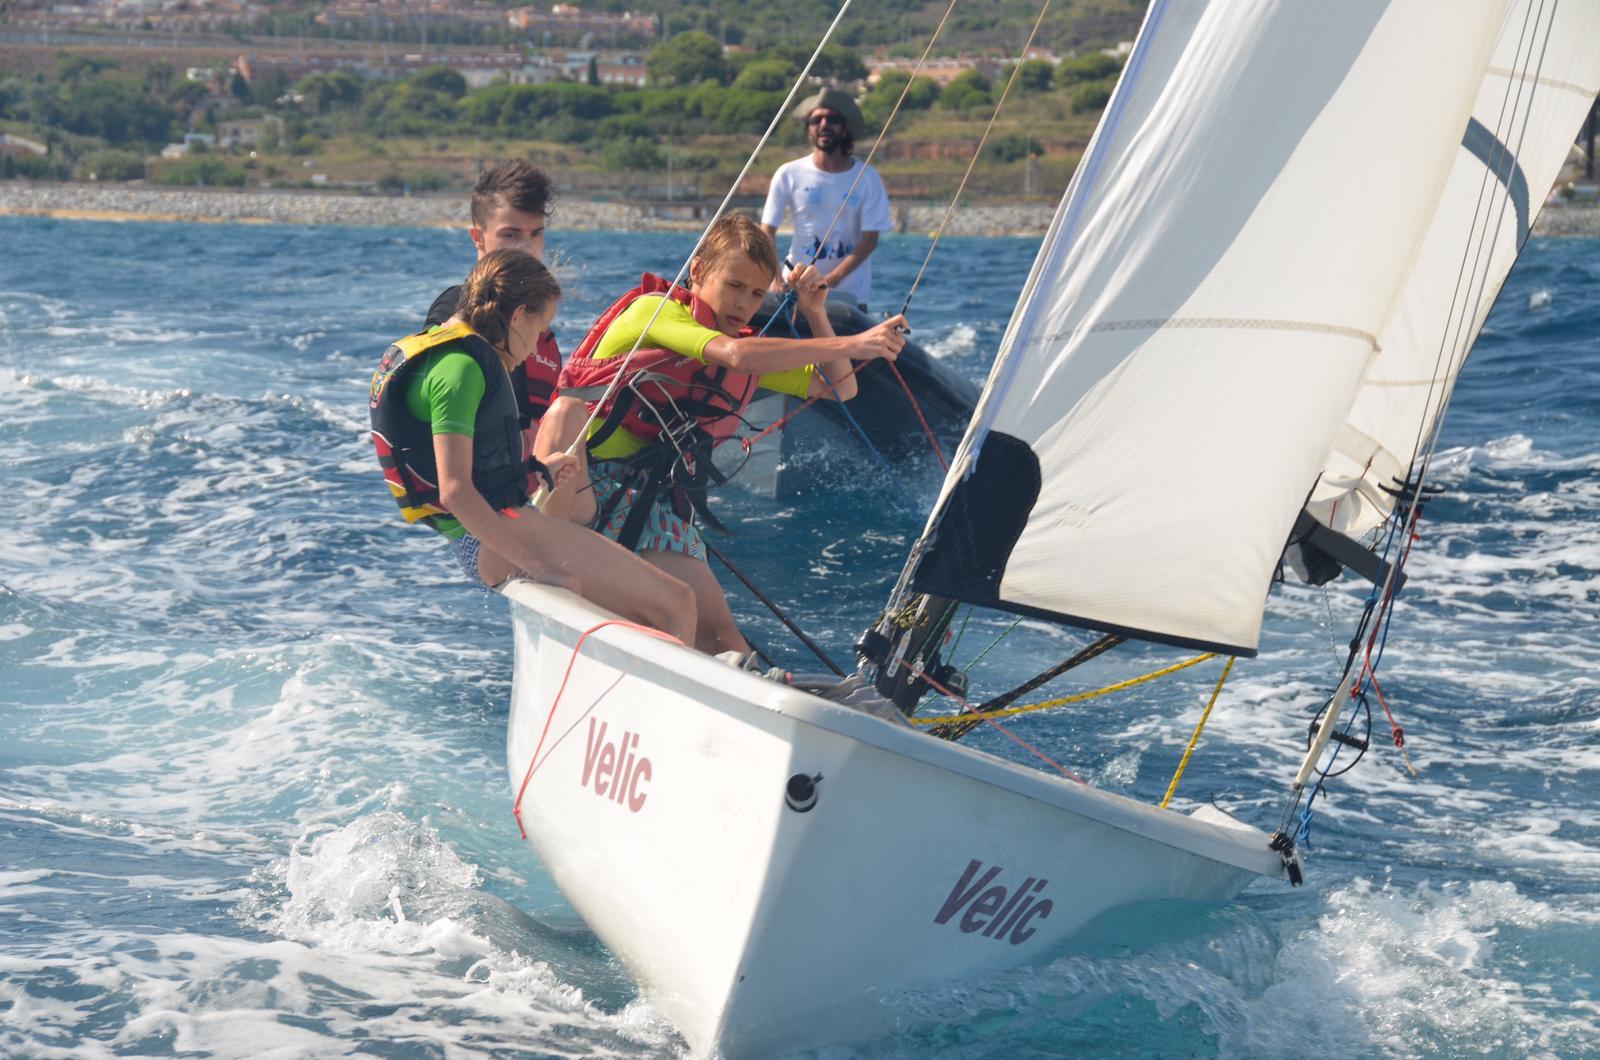 escola de vela, navegar, joves